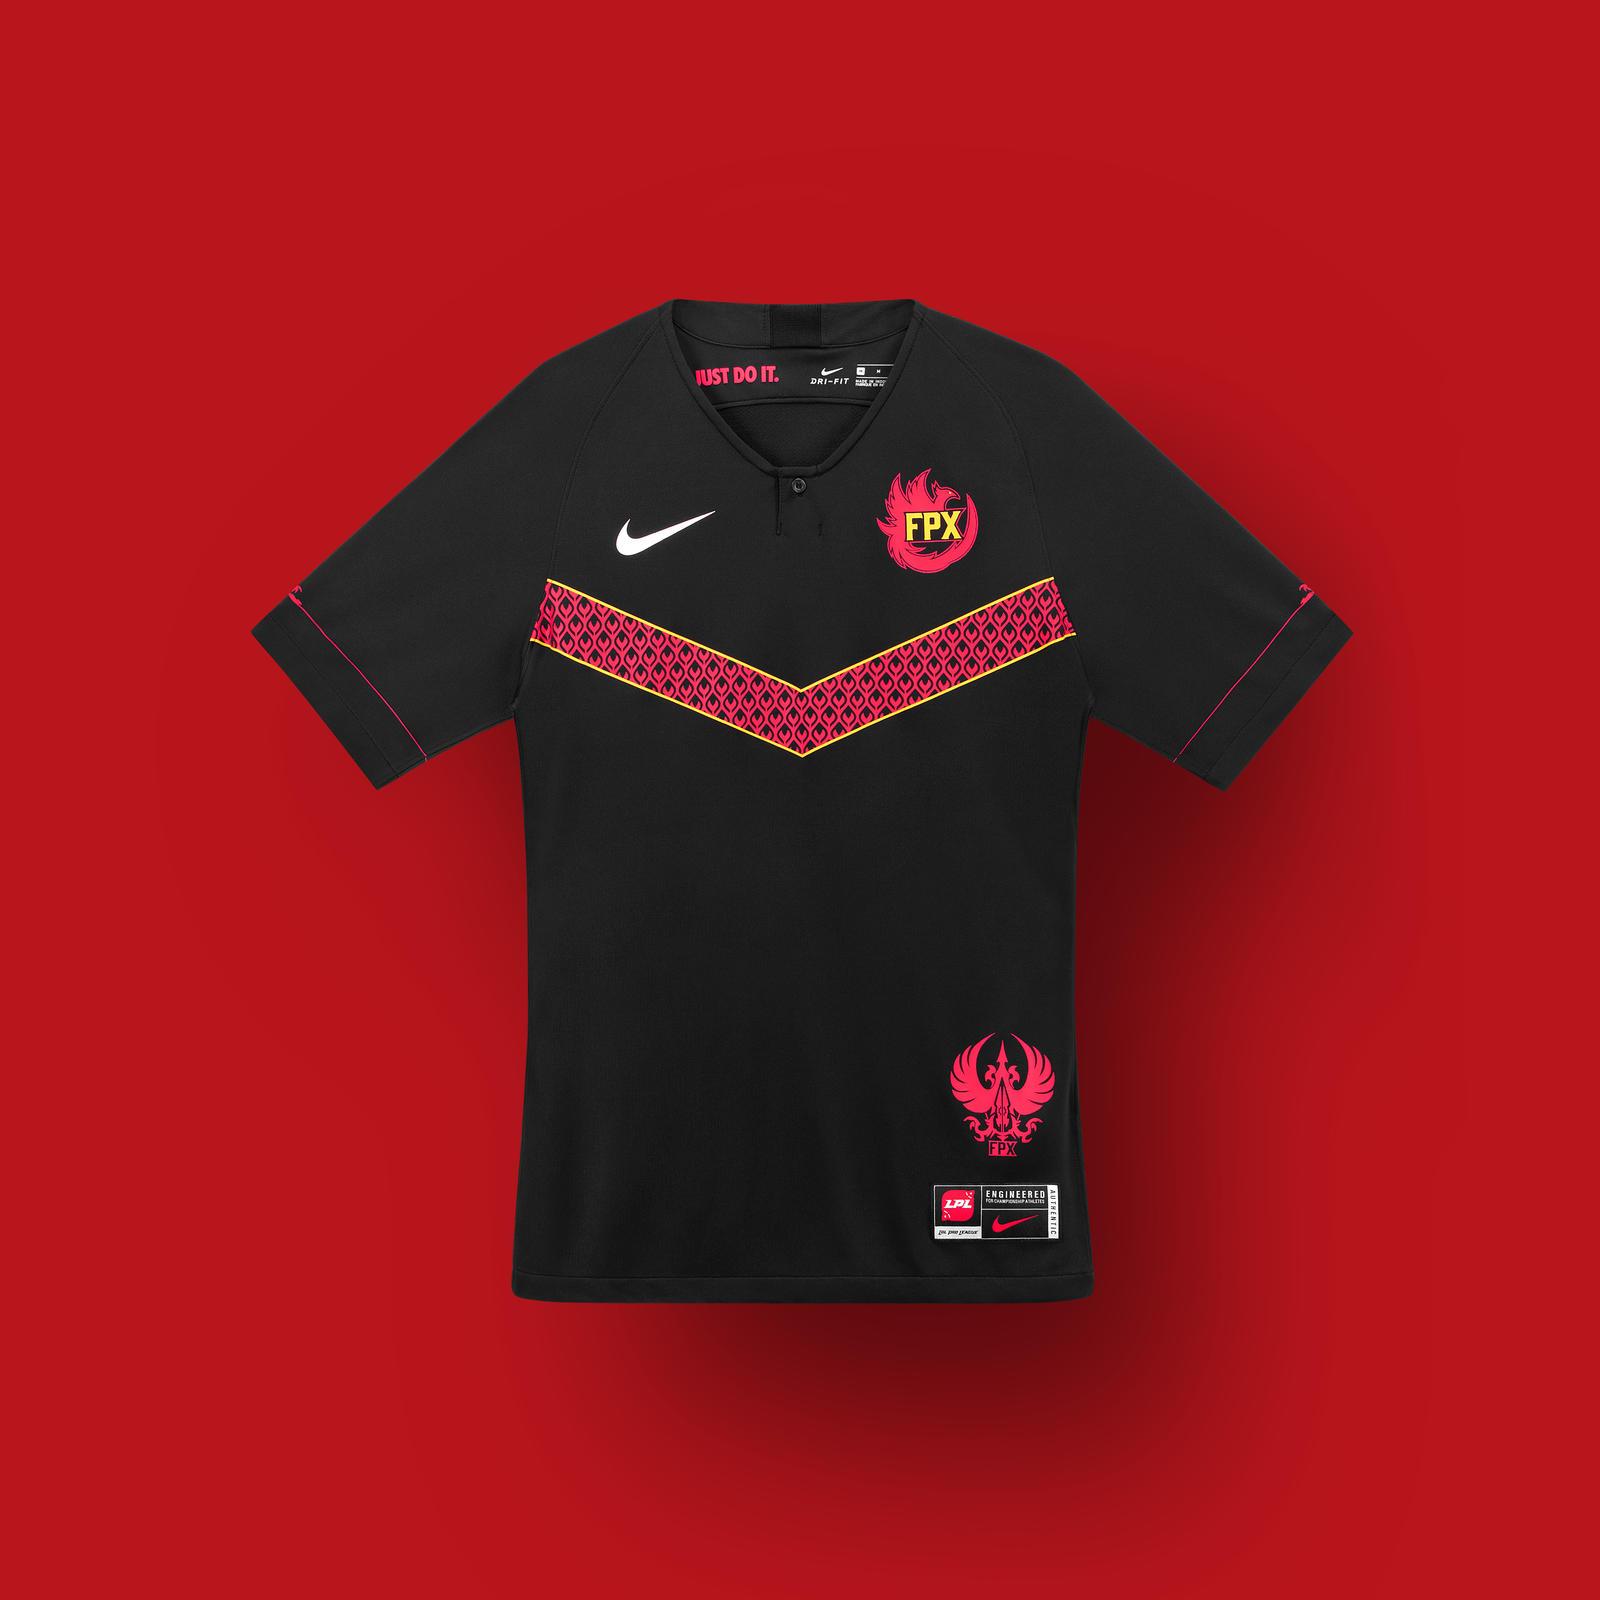 Nike League of Legends Pro League Team Kits 2019 20 Official